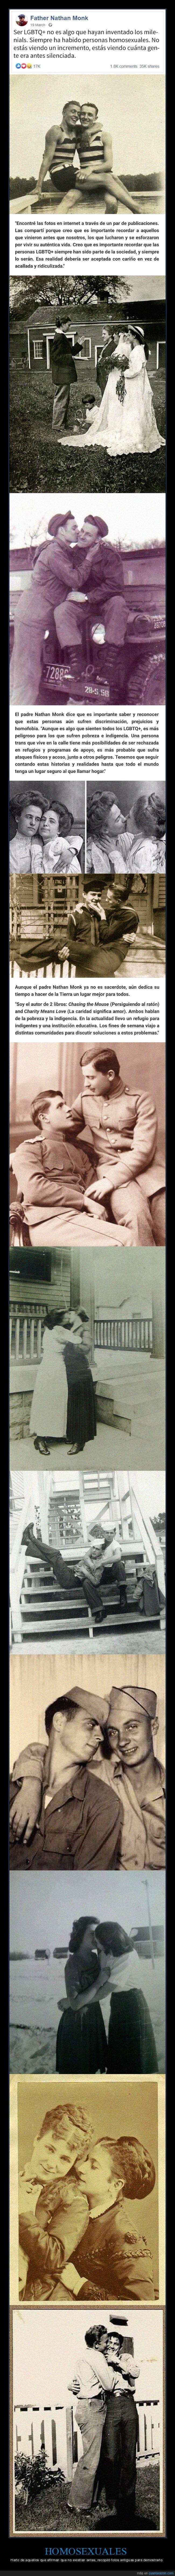 antiguas,fotos,homosexualidad,retro